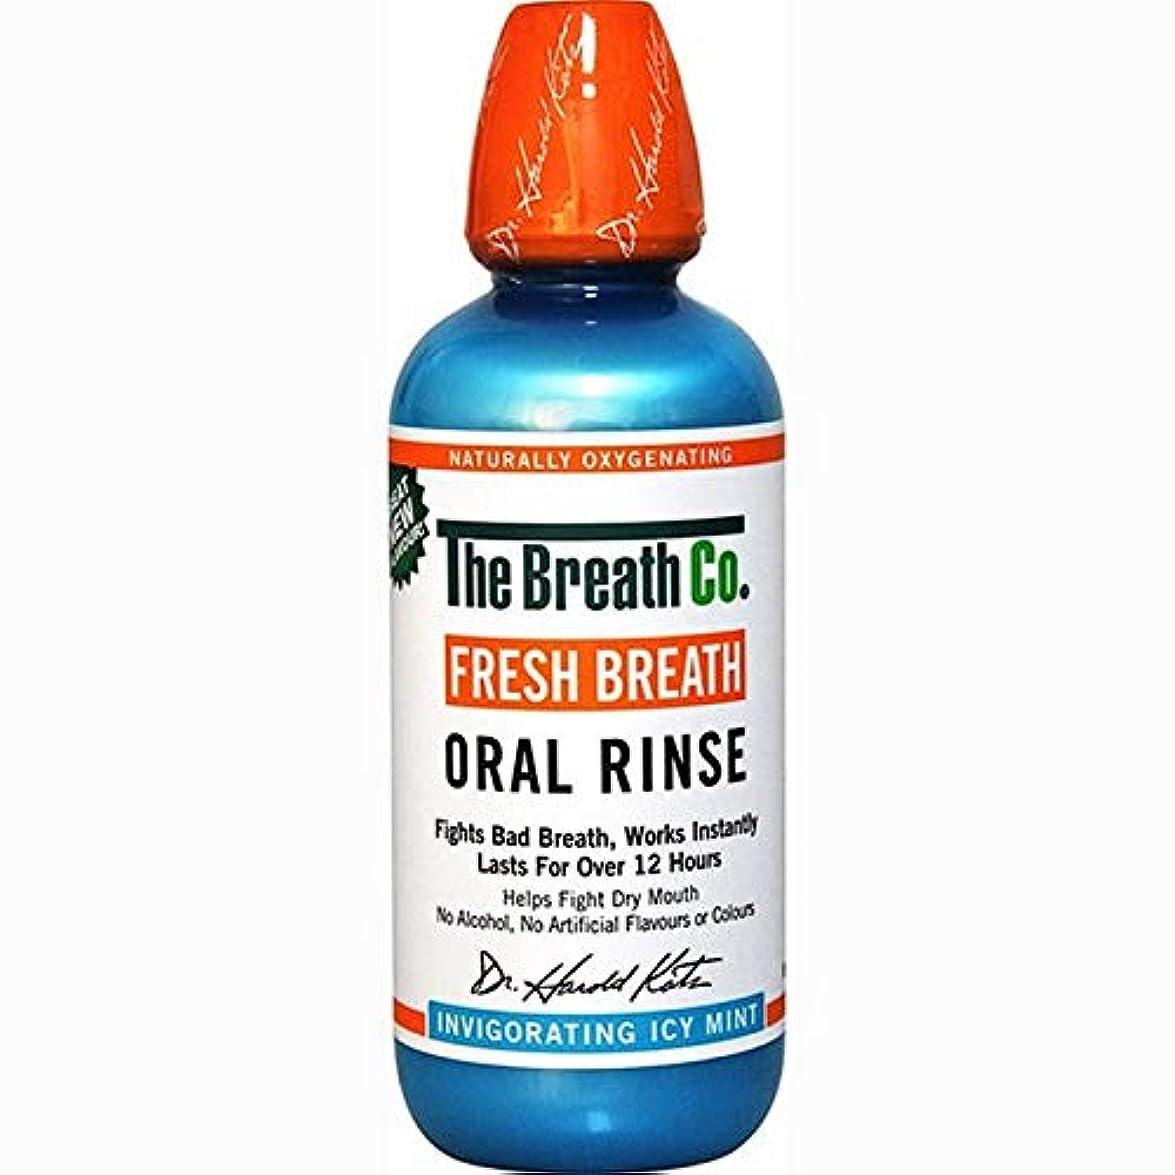 なぞらえるカテゴリー見落とす[The Breath Co] 息のCo新鮮な息口腔リンス氷のミント500ミリリットル - The Breath Co Fresh Breath Oral Rinse Icy Mint 500ml [並行輸入品]